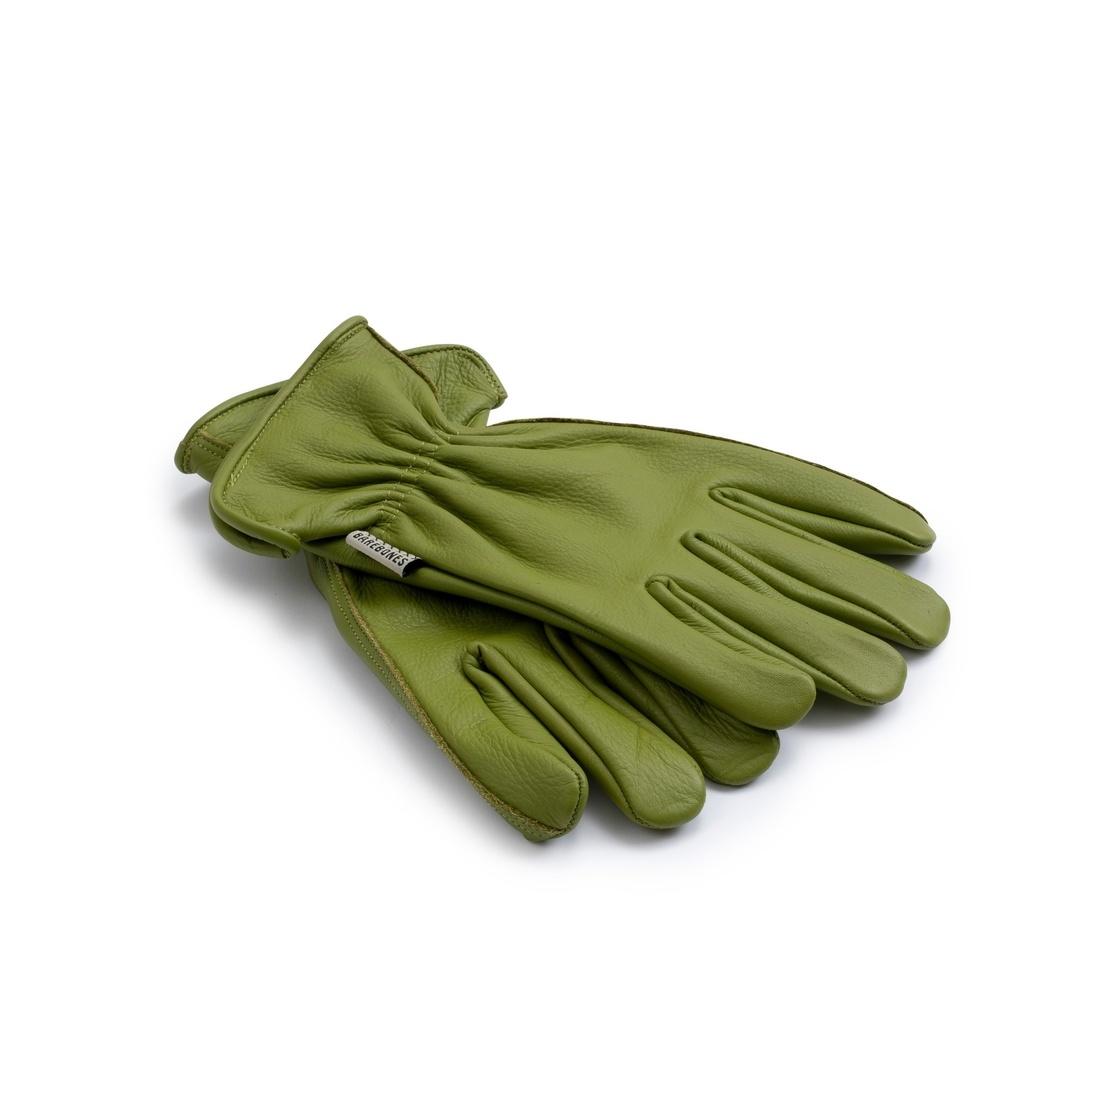 Barebones Classic Work Glove: Olive S/M